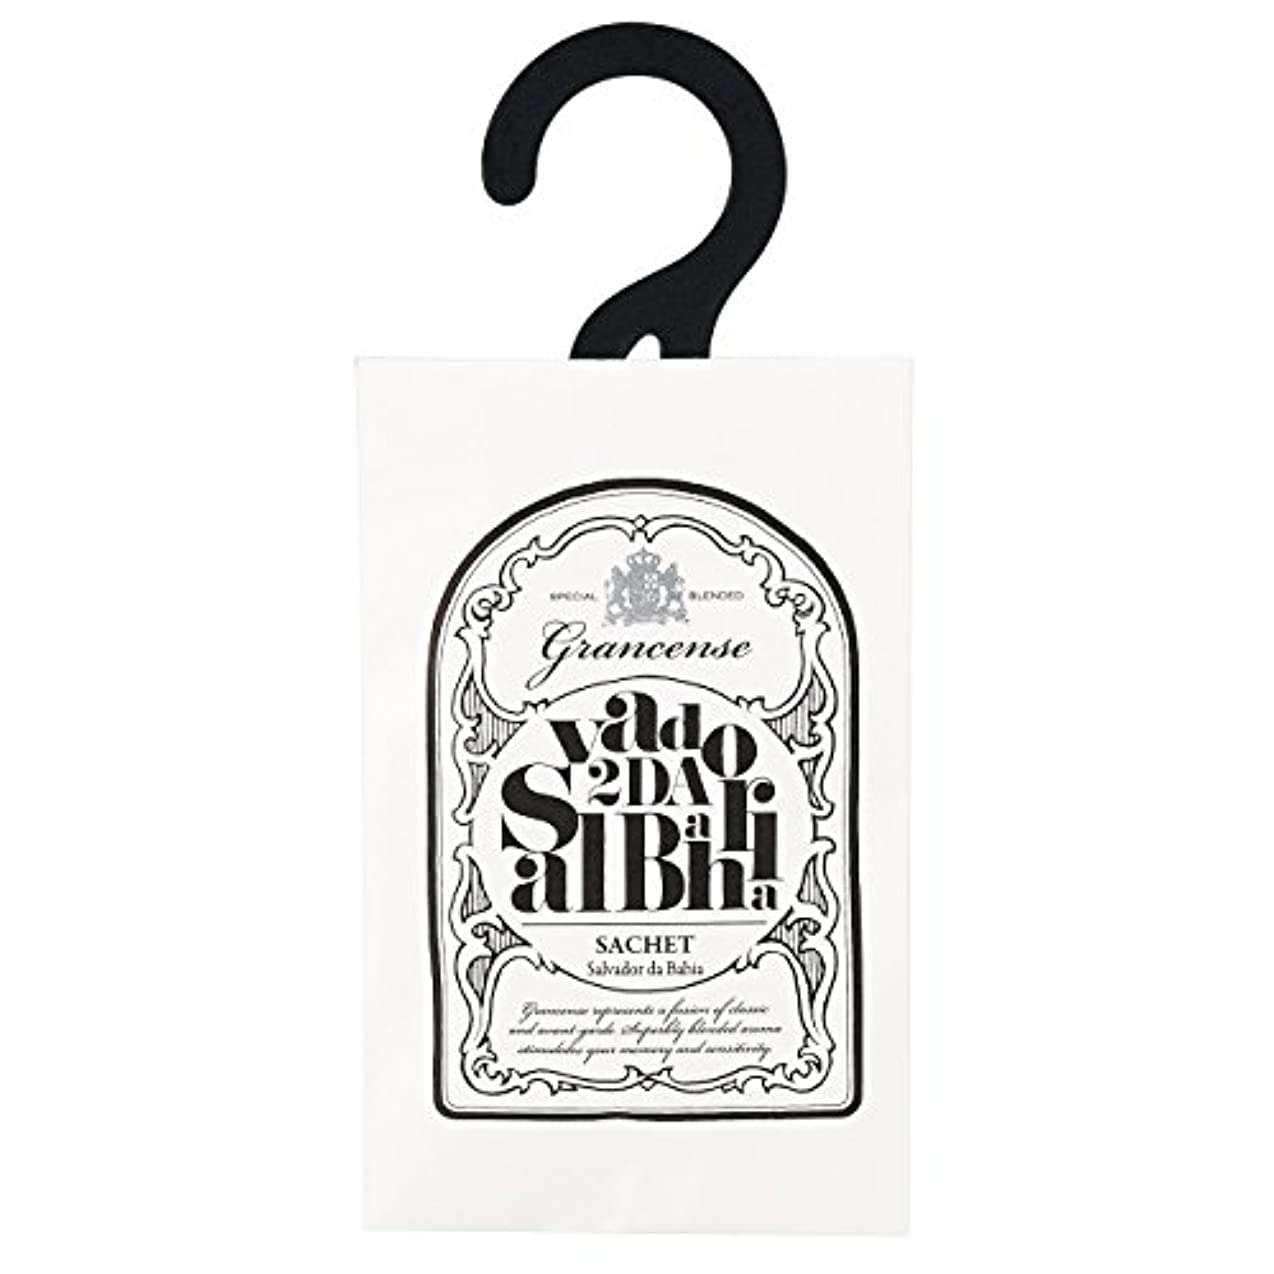 十分です大胆不敵敬なグランセンス サシェ(約2~4週間) サルバドール 12g(芳香剤 香り袋 アロマサシェ ライムとミントの爽やかさにバニラの甘さを感じる南国のような香り)